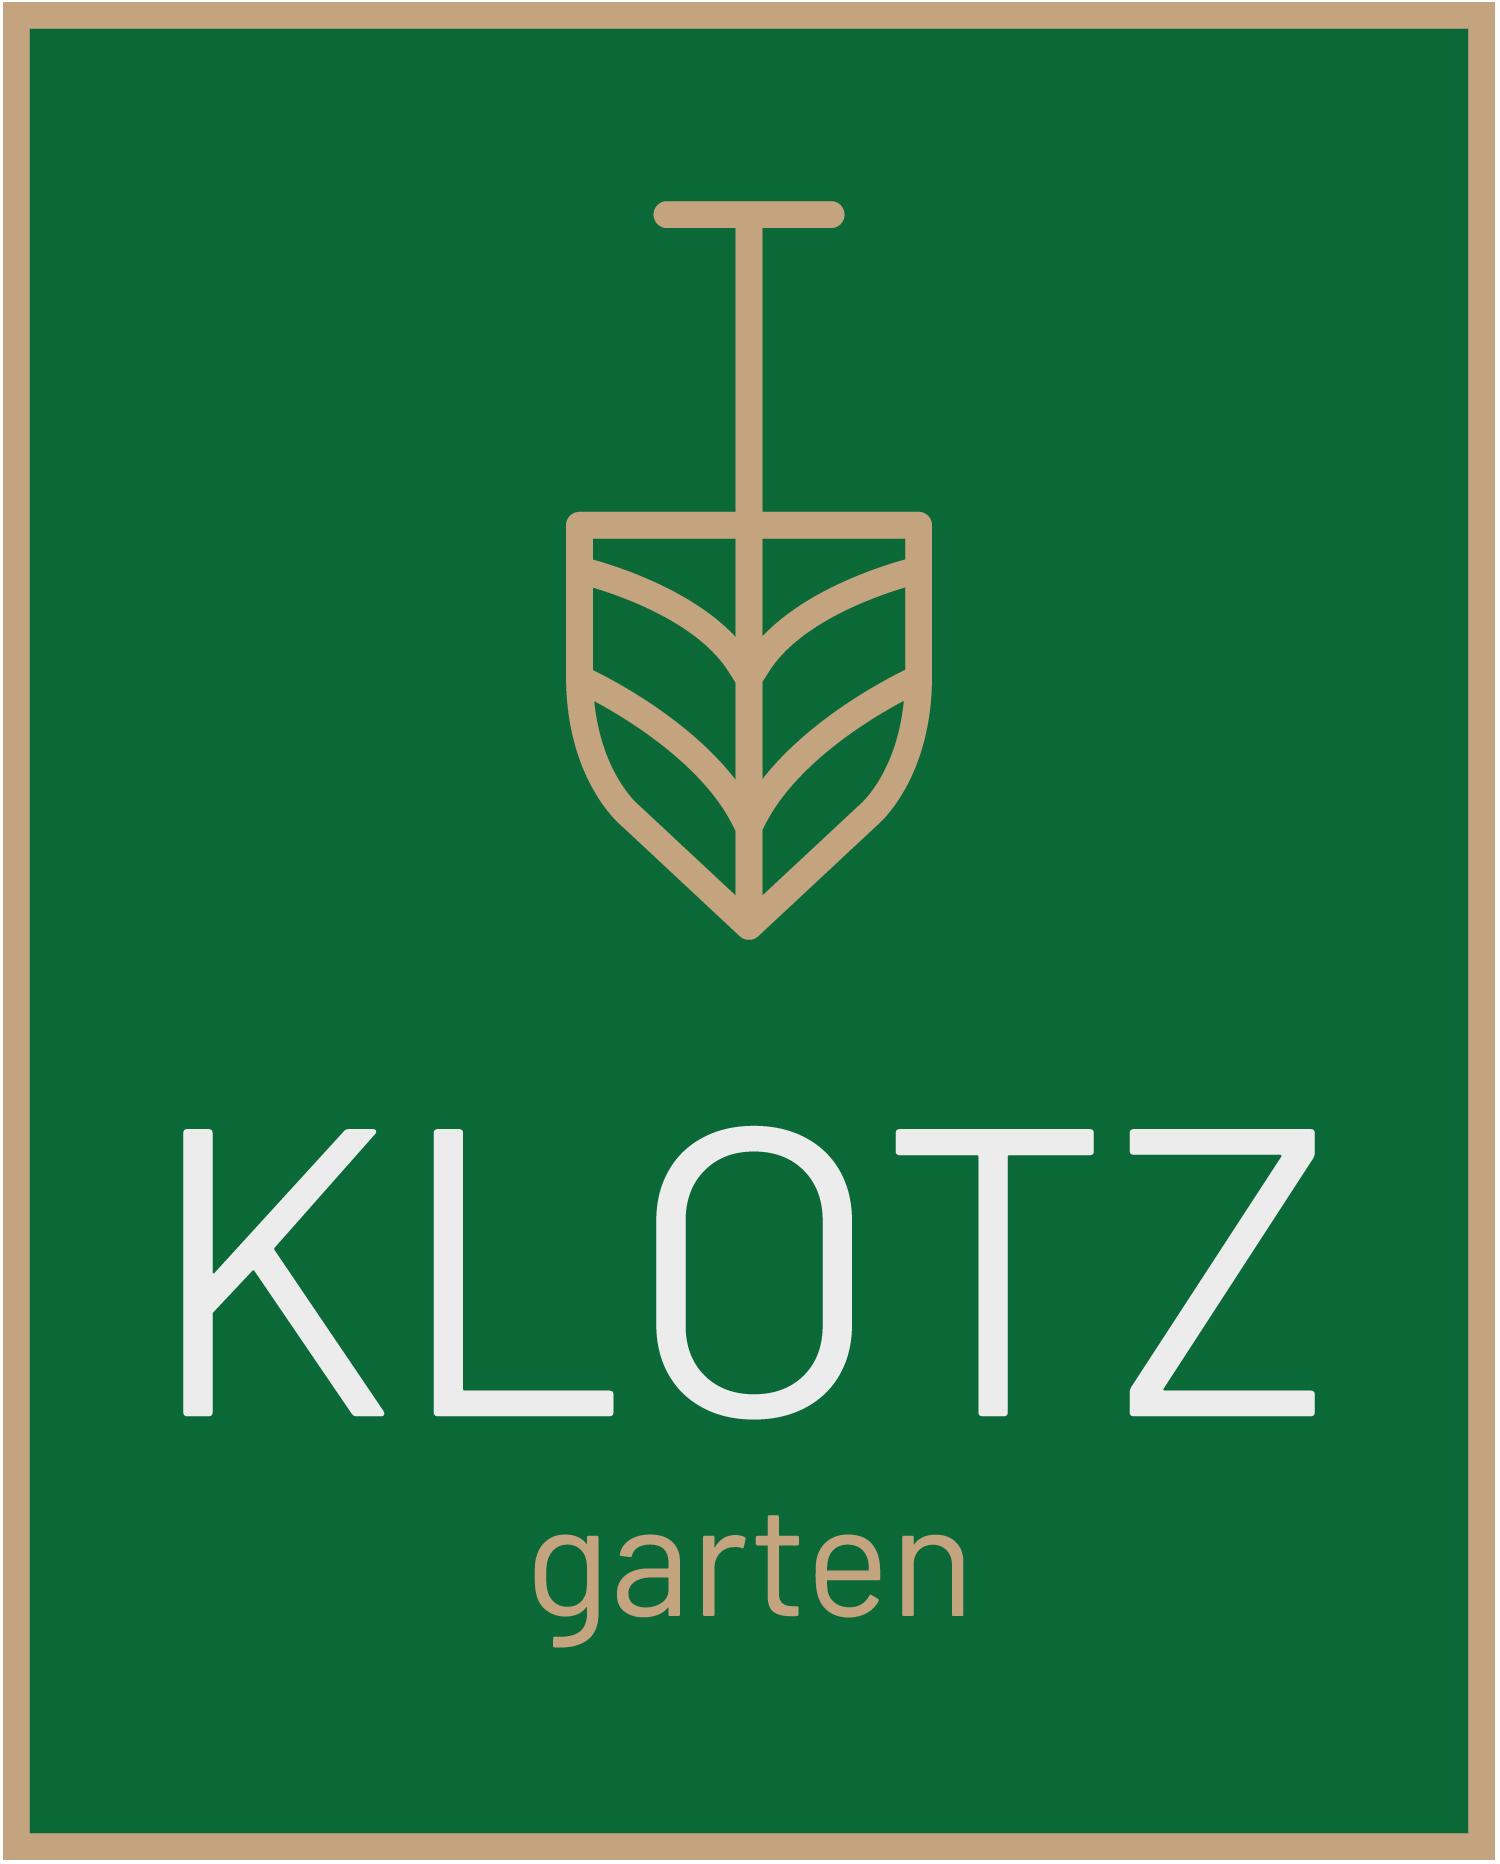 KLOTZ | garten